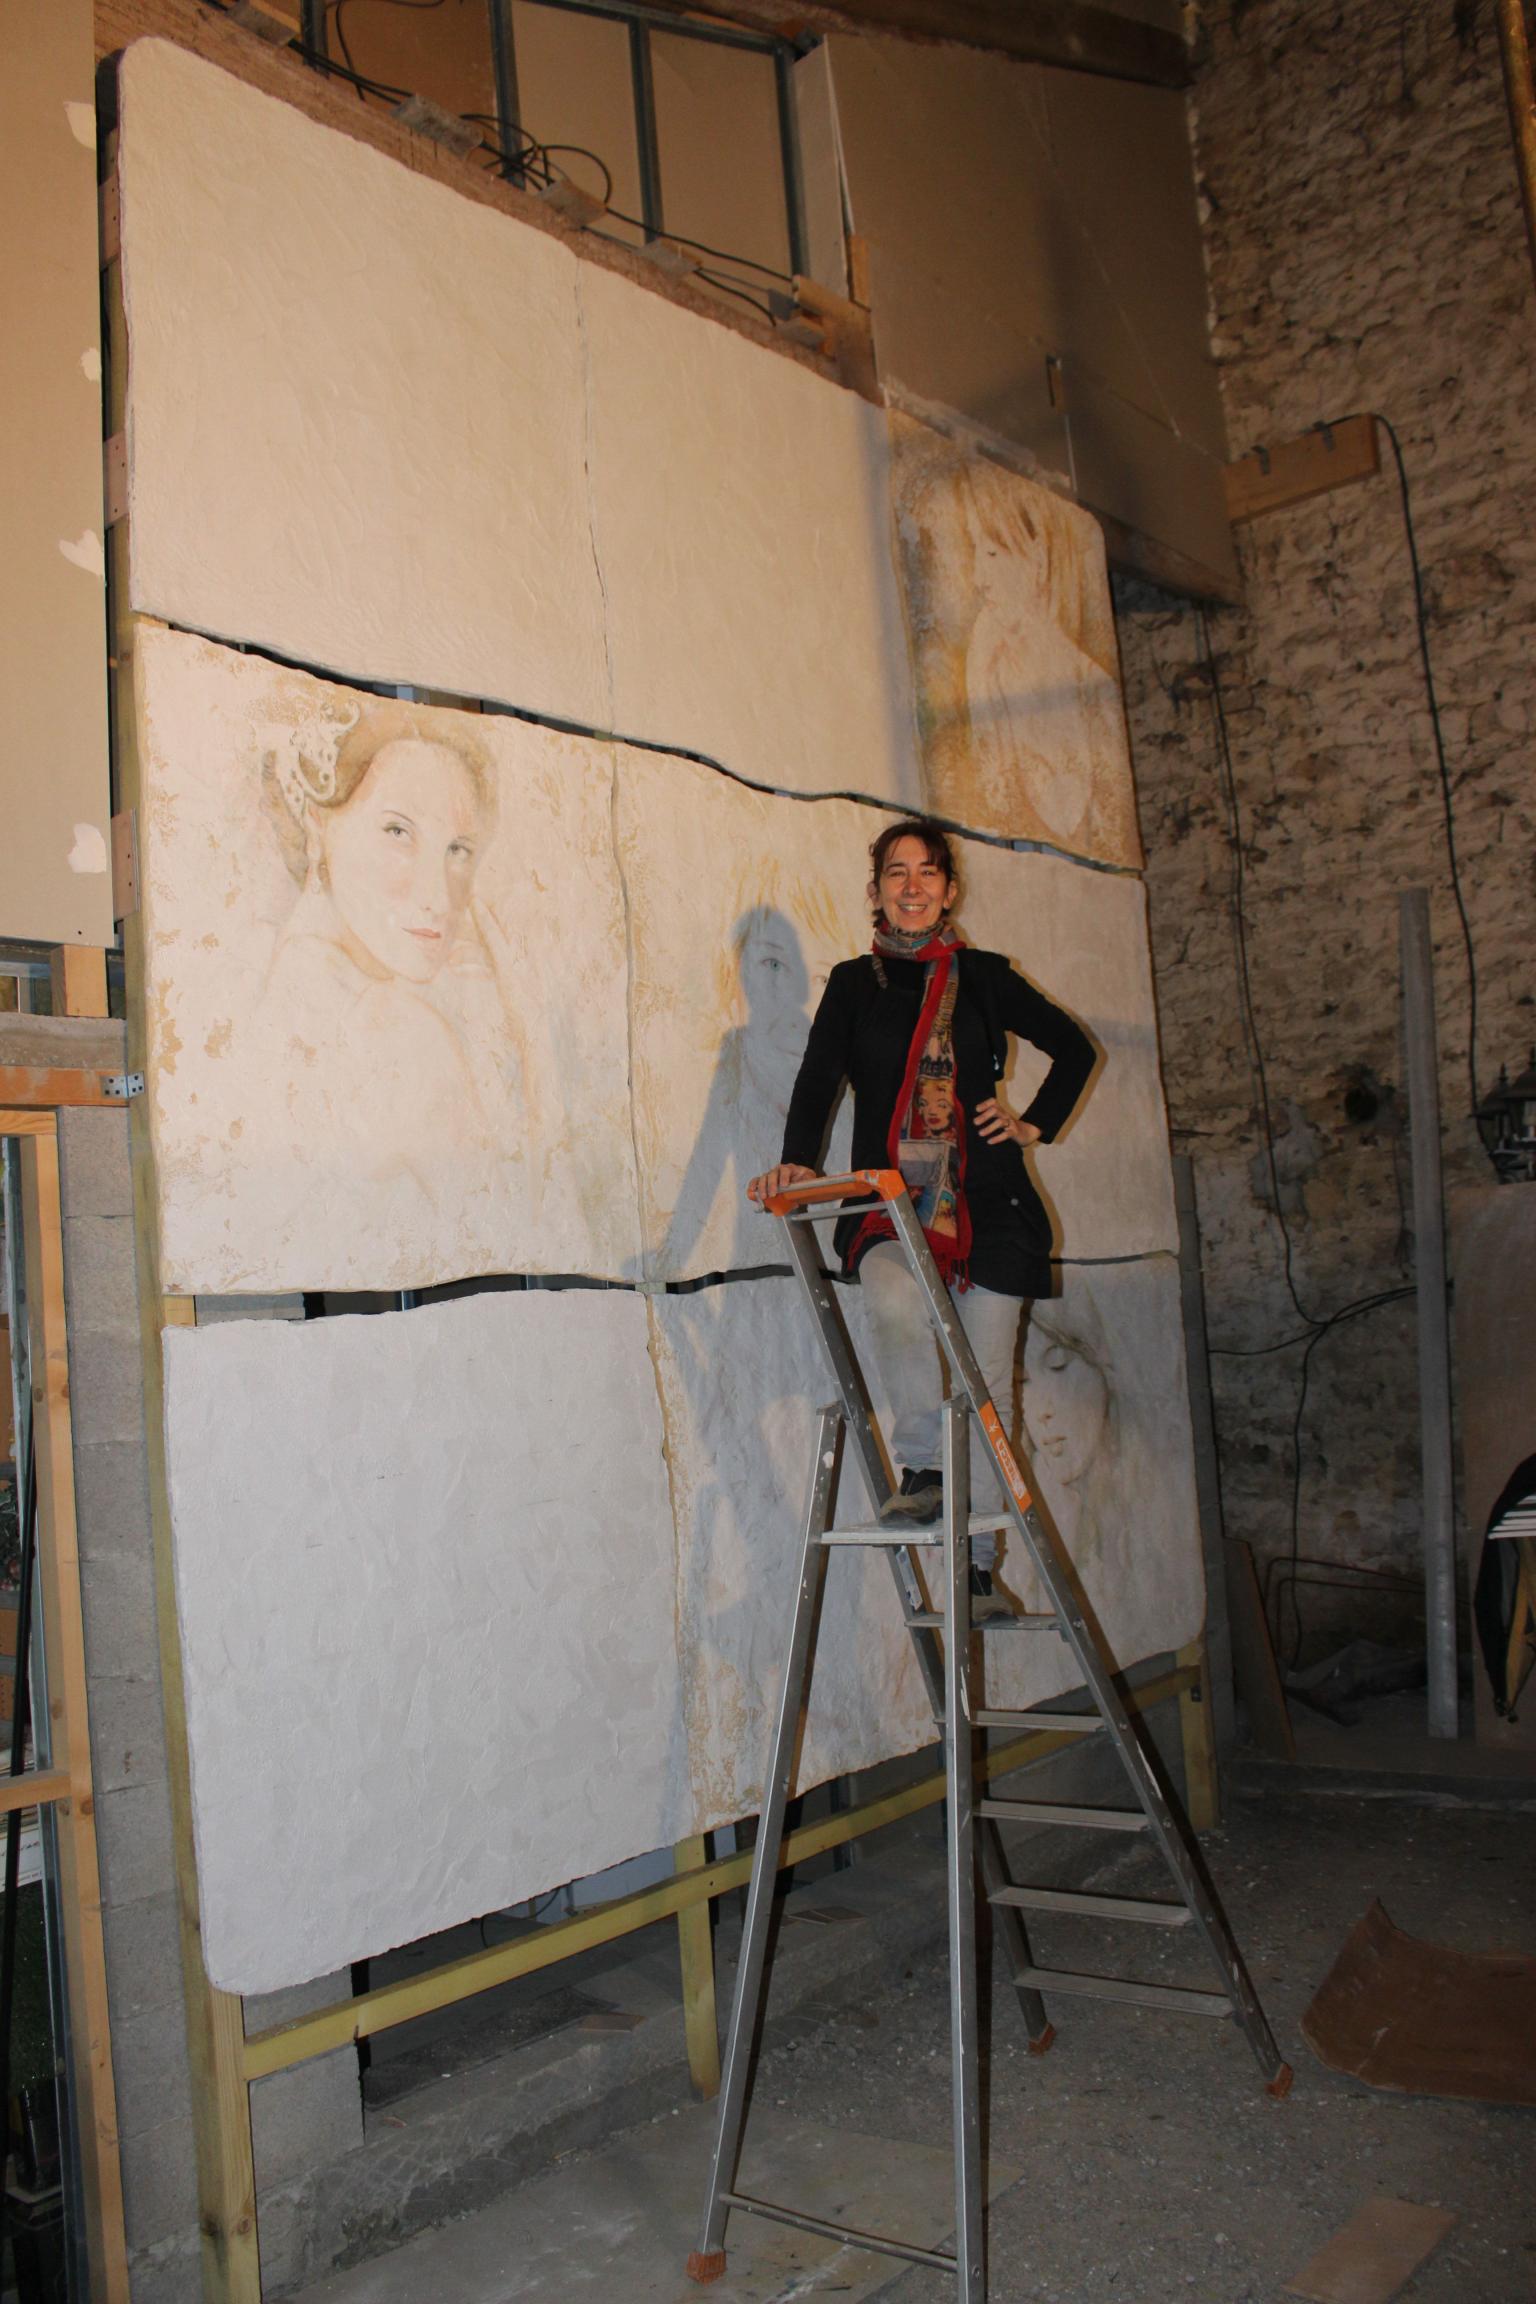 Actualité de Nathalie BEGUIER Nathalie Béguier Journées des métiers d'art